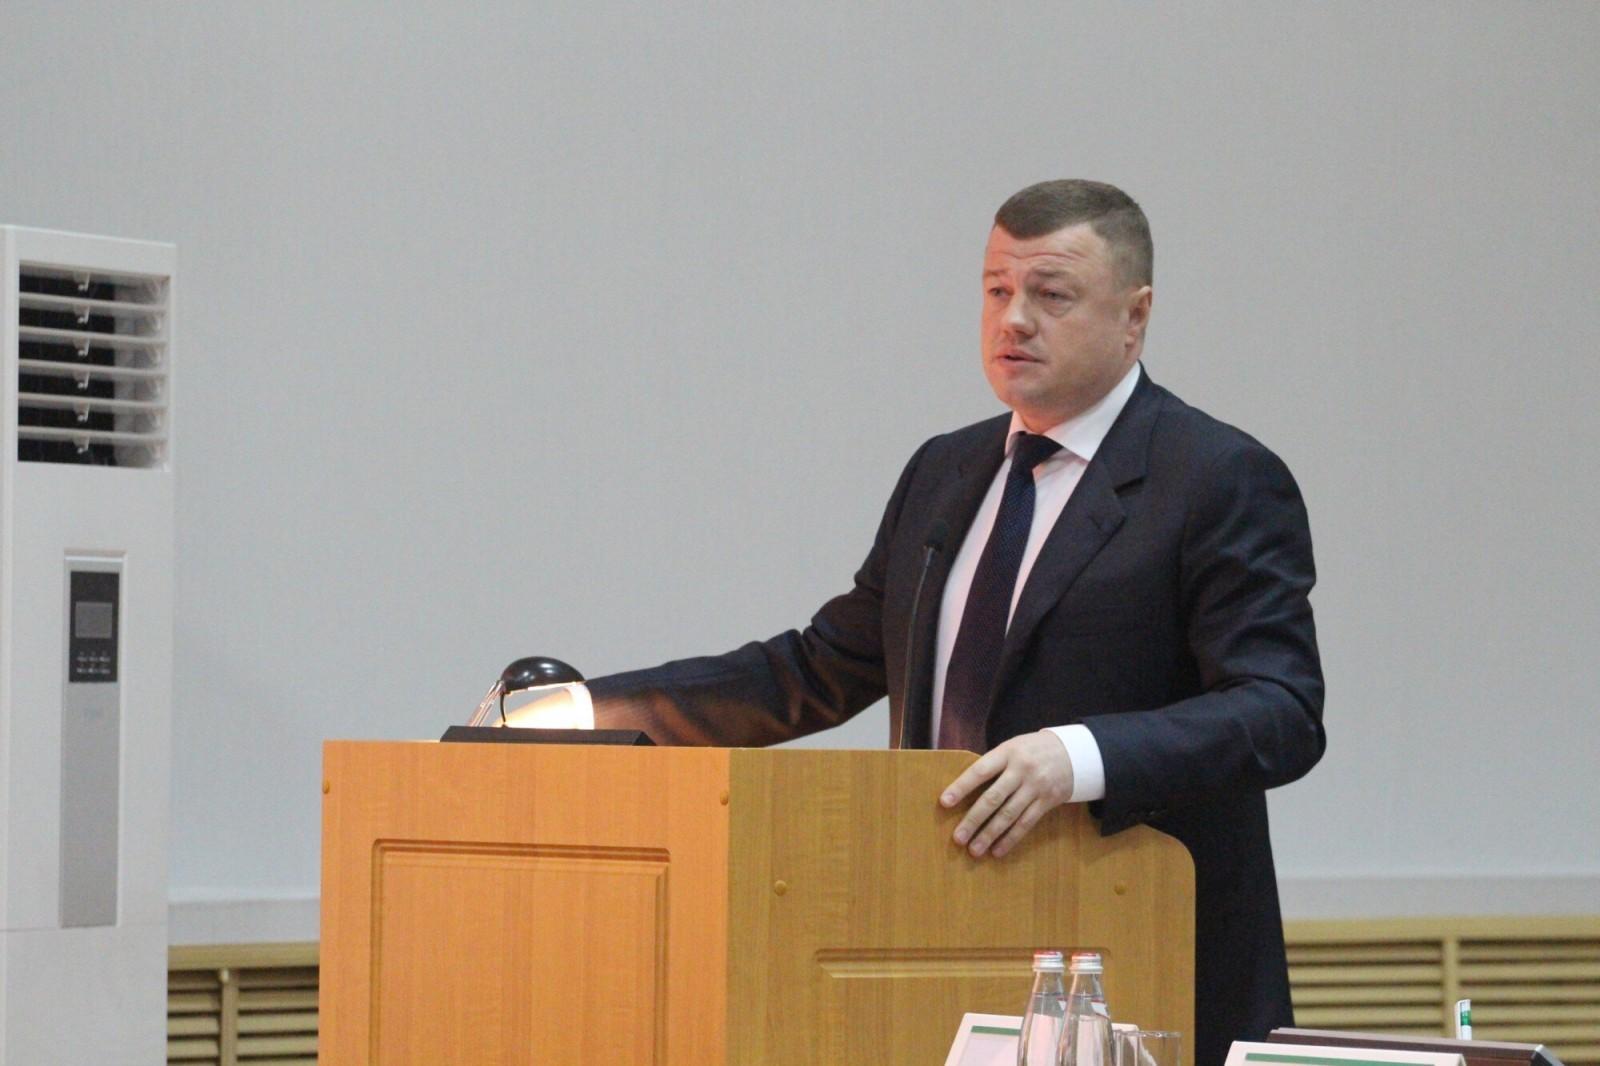 Александр Никитин выступил с докладом о тамбовском опыте работы природоохранной сферы на Совете при полномочном представителе Президента России в ЦФО